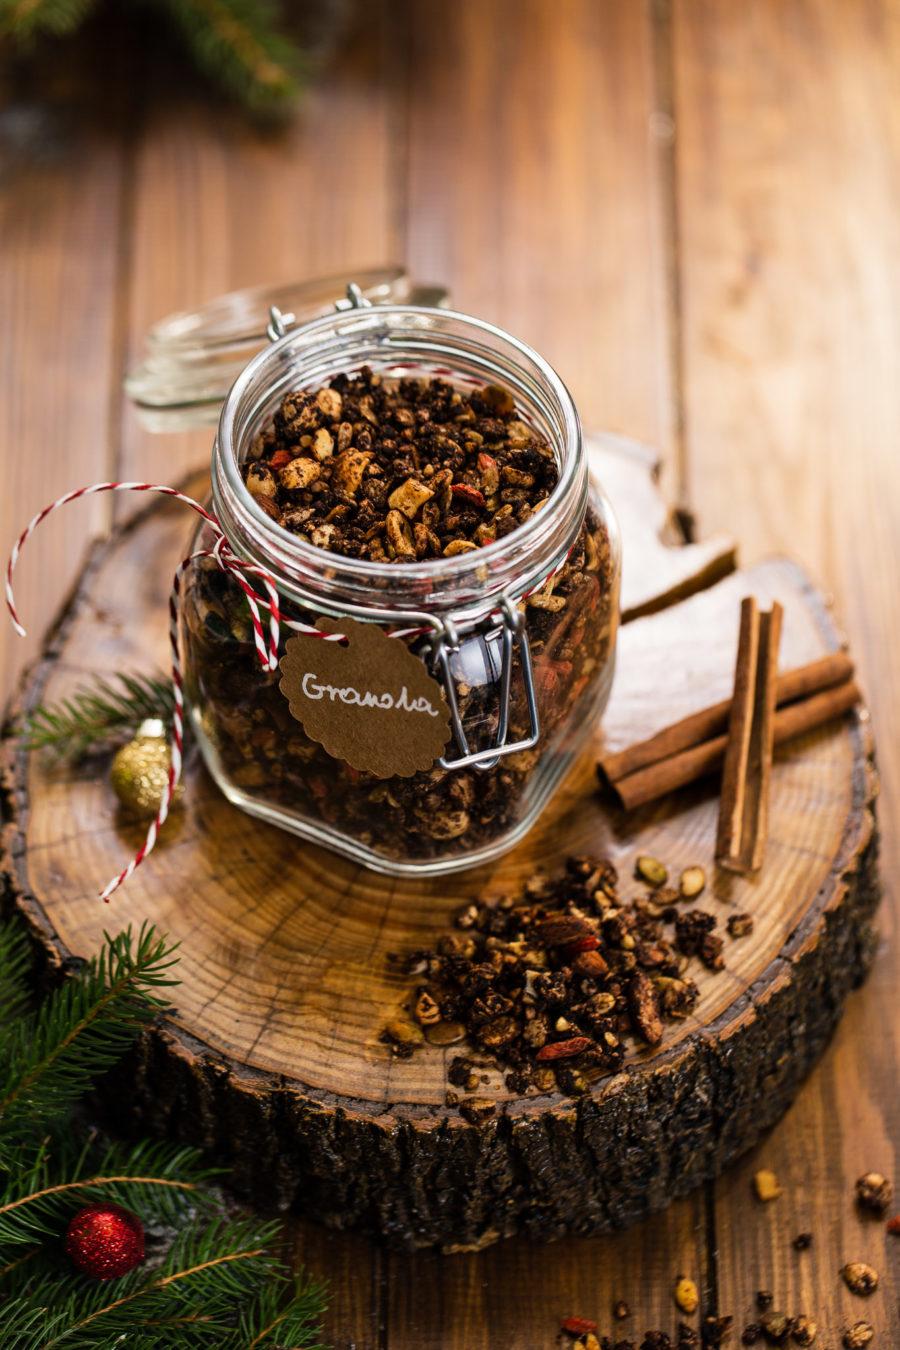 Korzenna granola gryczana – pomysł na jadalny prezent